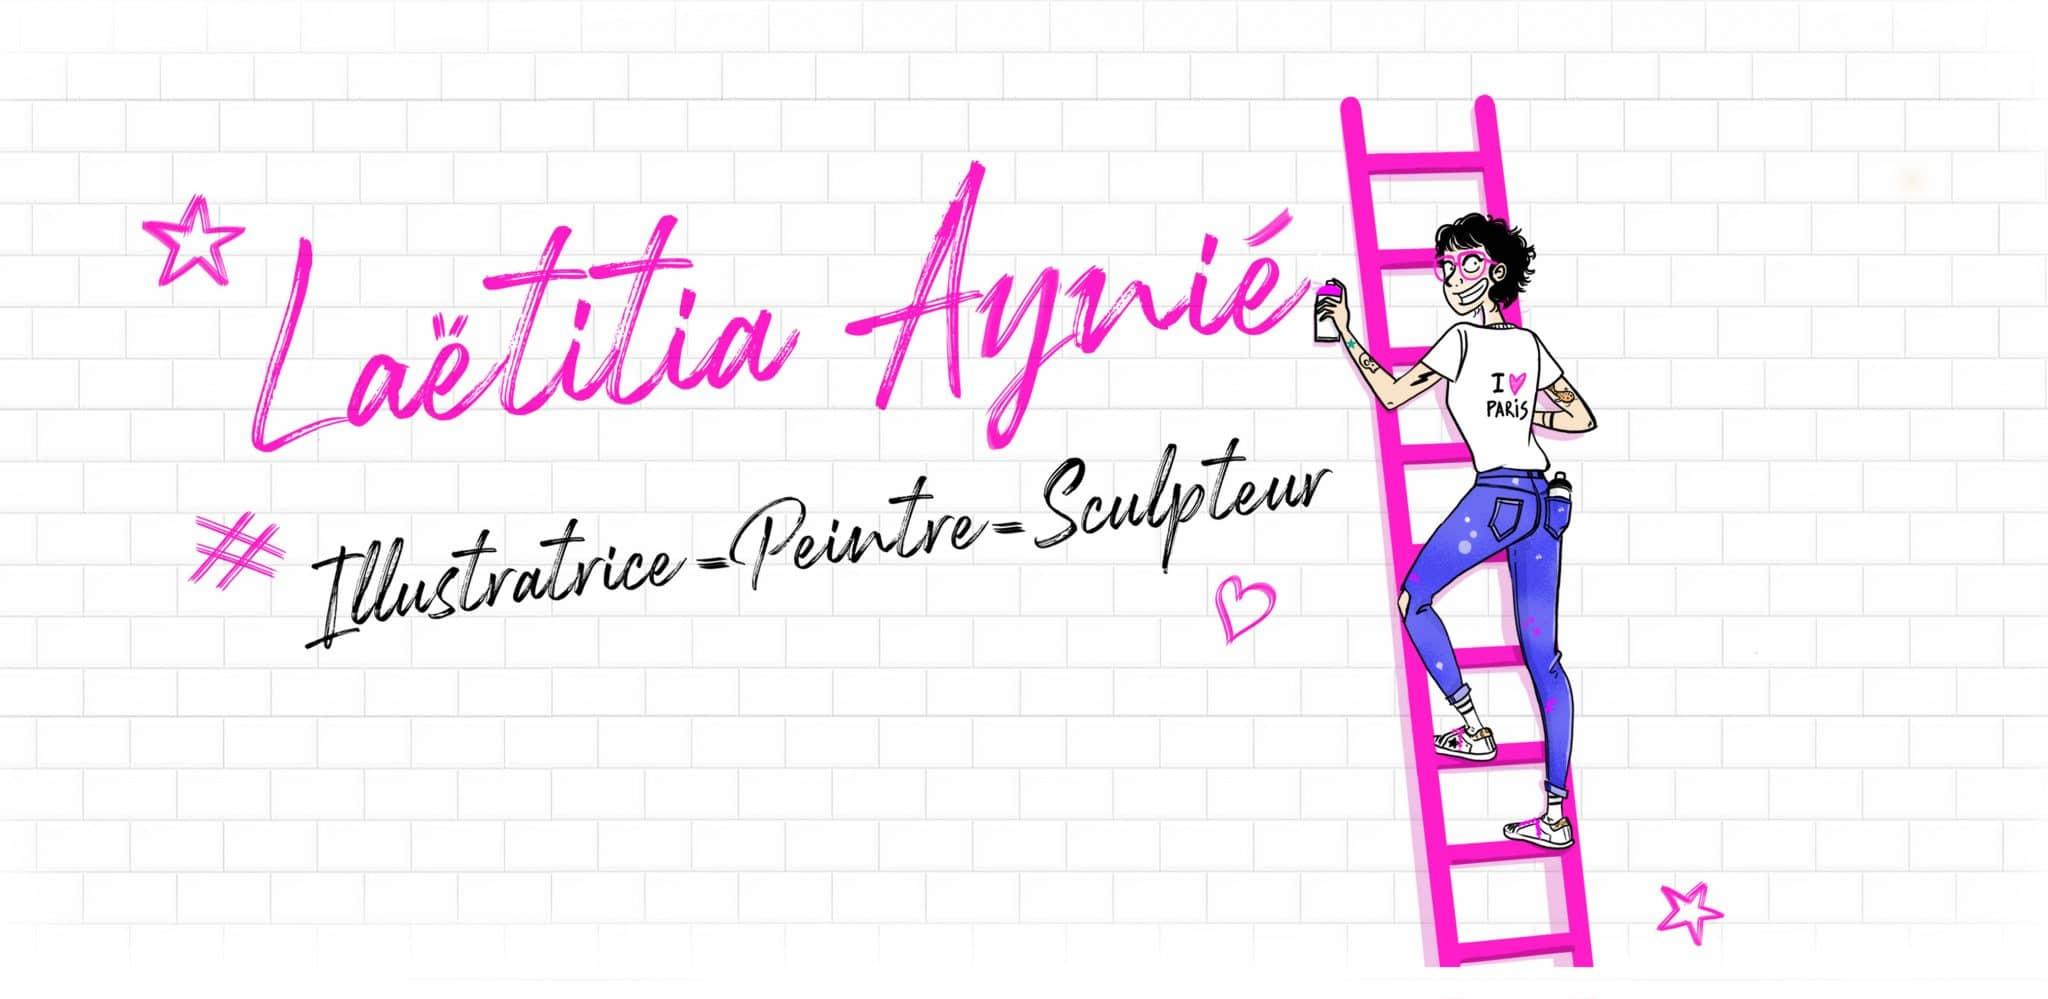 Laëtitia Aynié – Illustratrice Peintre Sculpteur